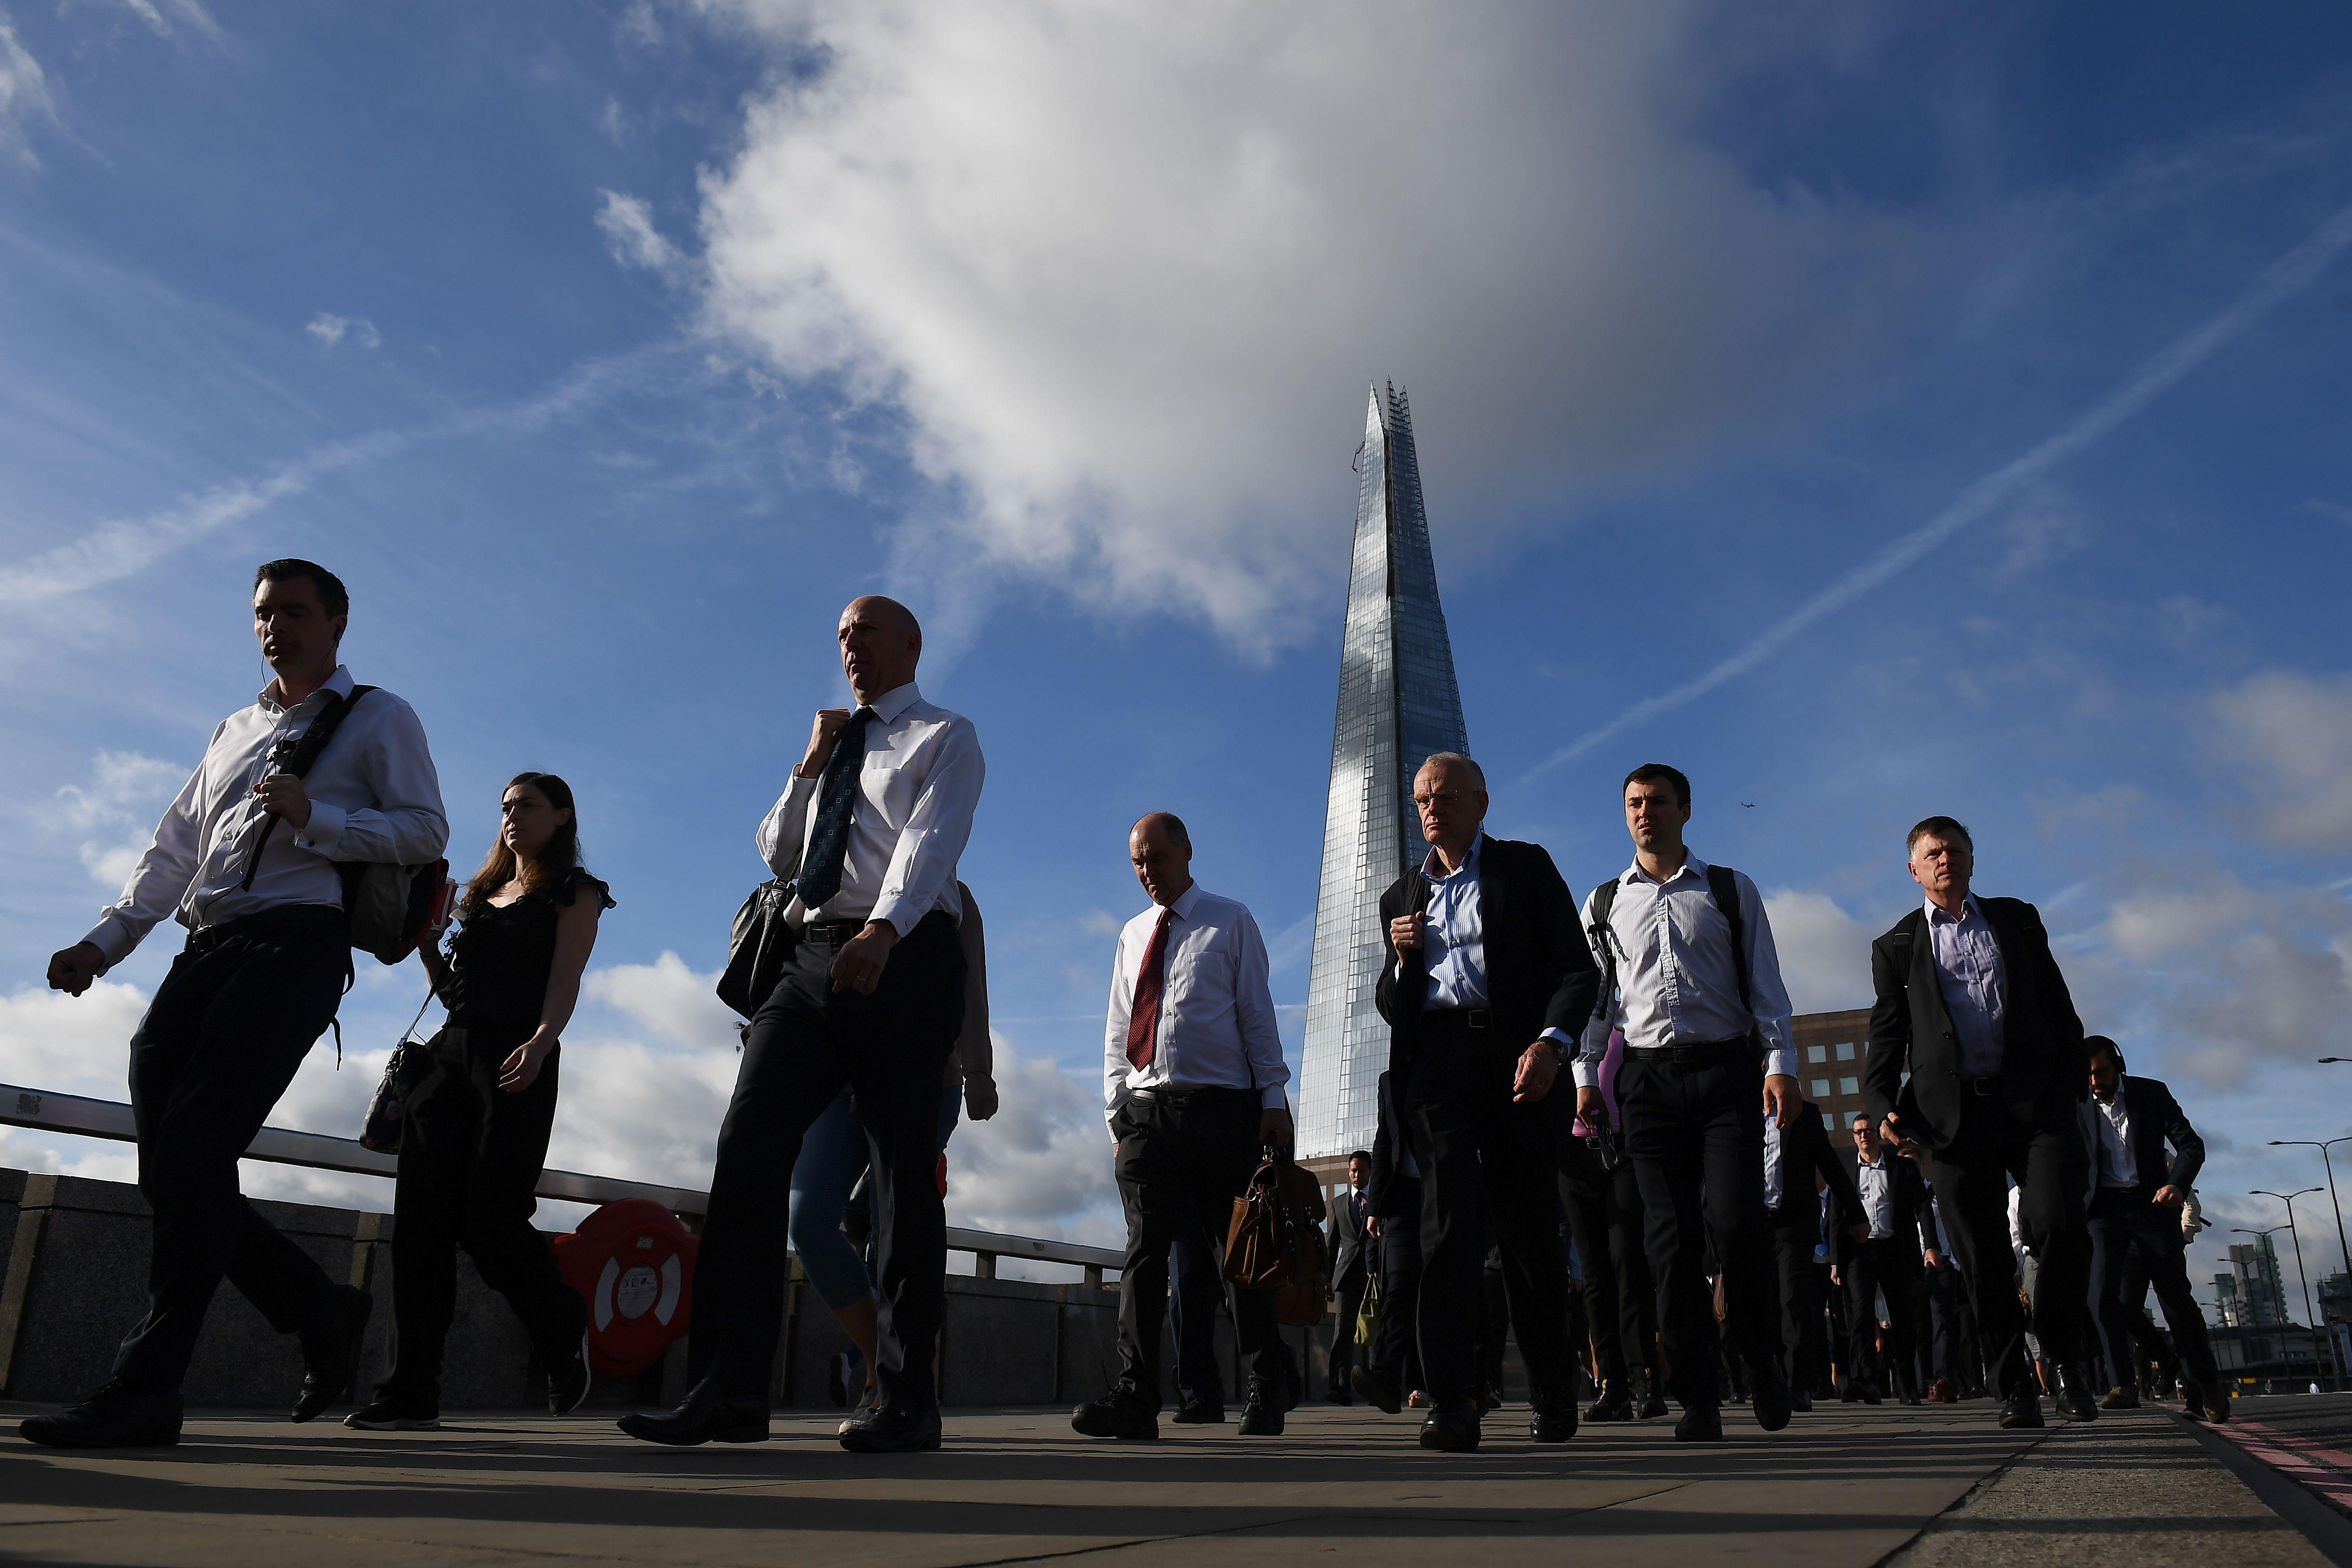 Number of employees enjoying job perks falls to 12-year low